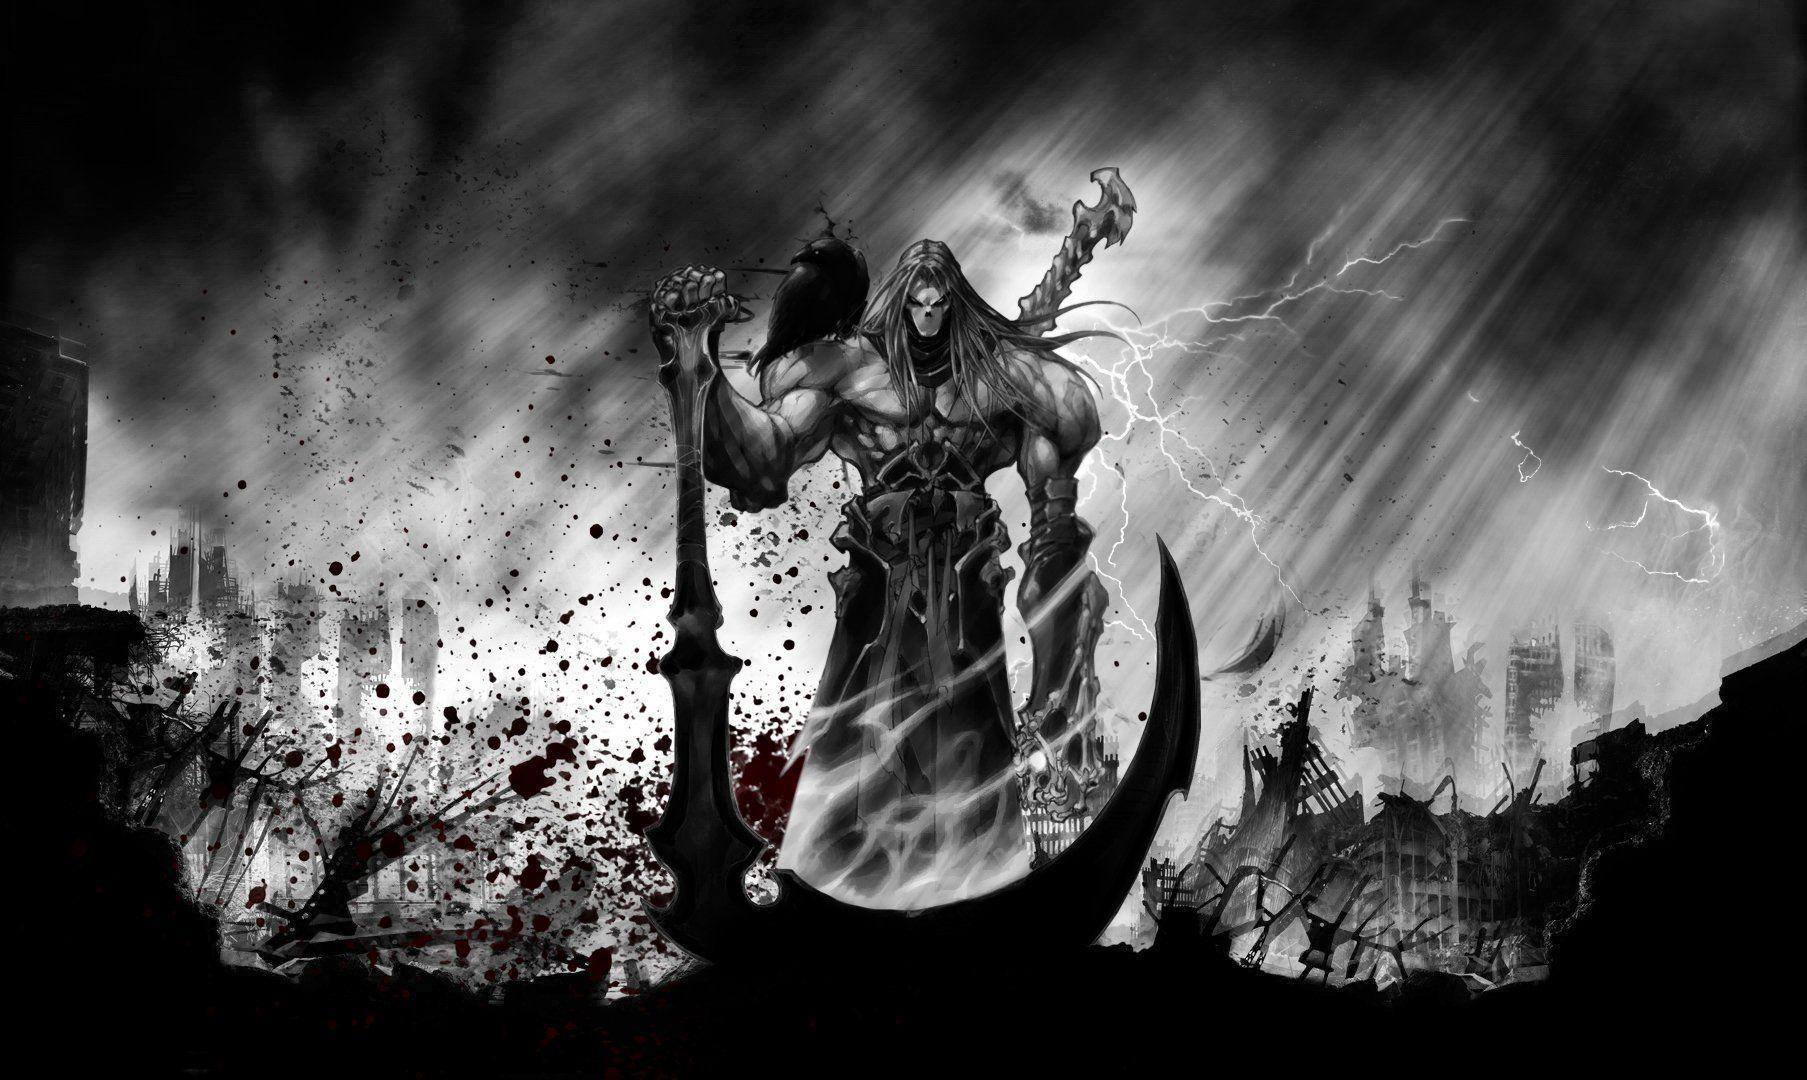 Darksiders Ii Wallpapers Wallpaper Cave